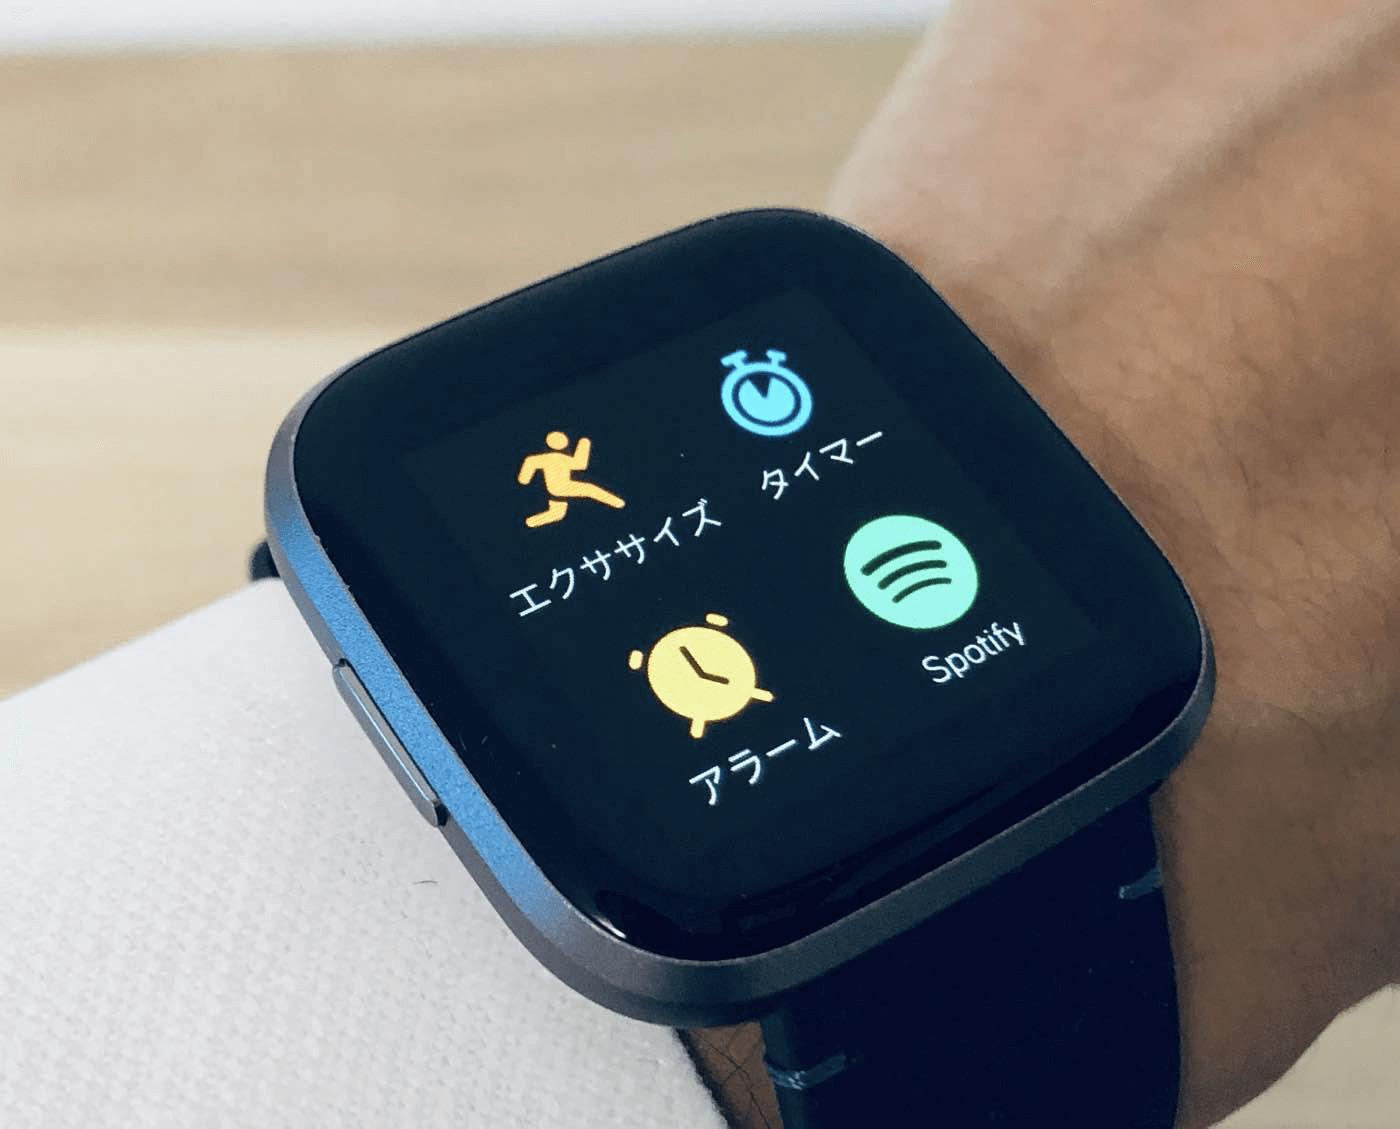 Fitbit versa 2のメニュー画面